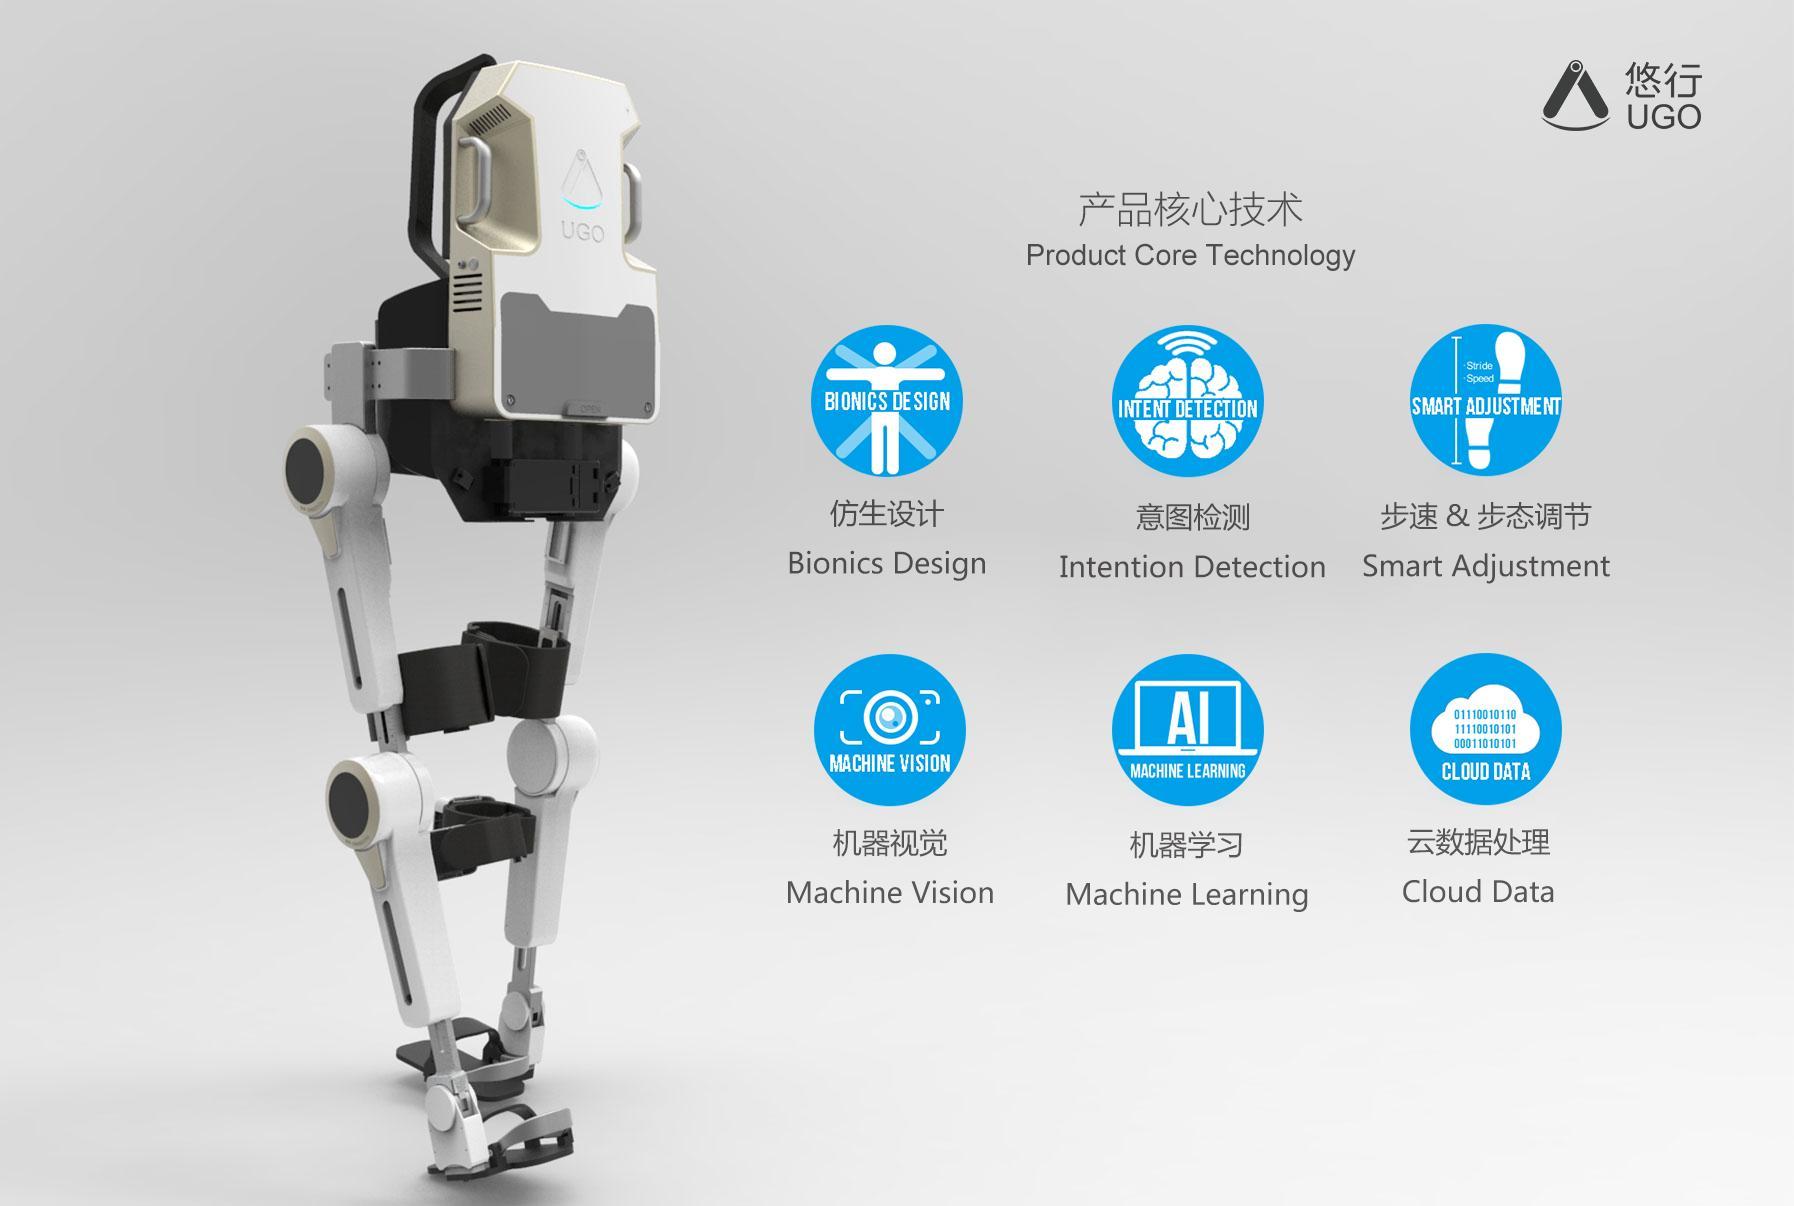 以外骨骼康复机器人为载体,程天科技帮助行动障碍者重获行动能力